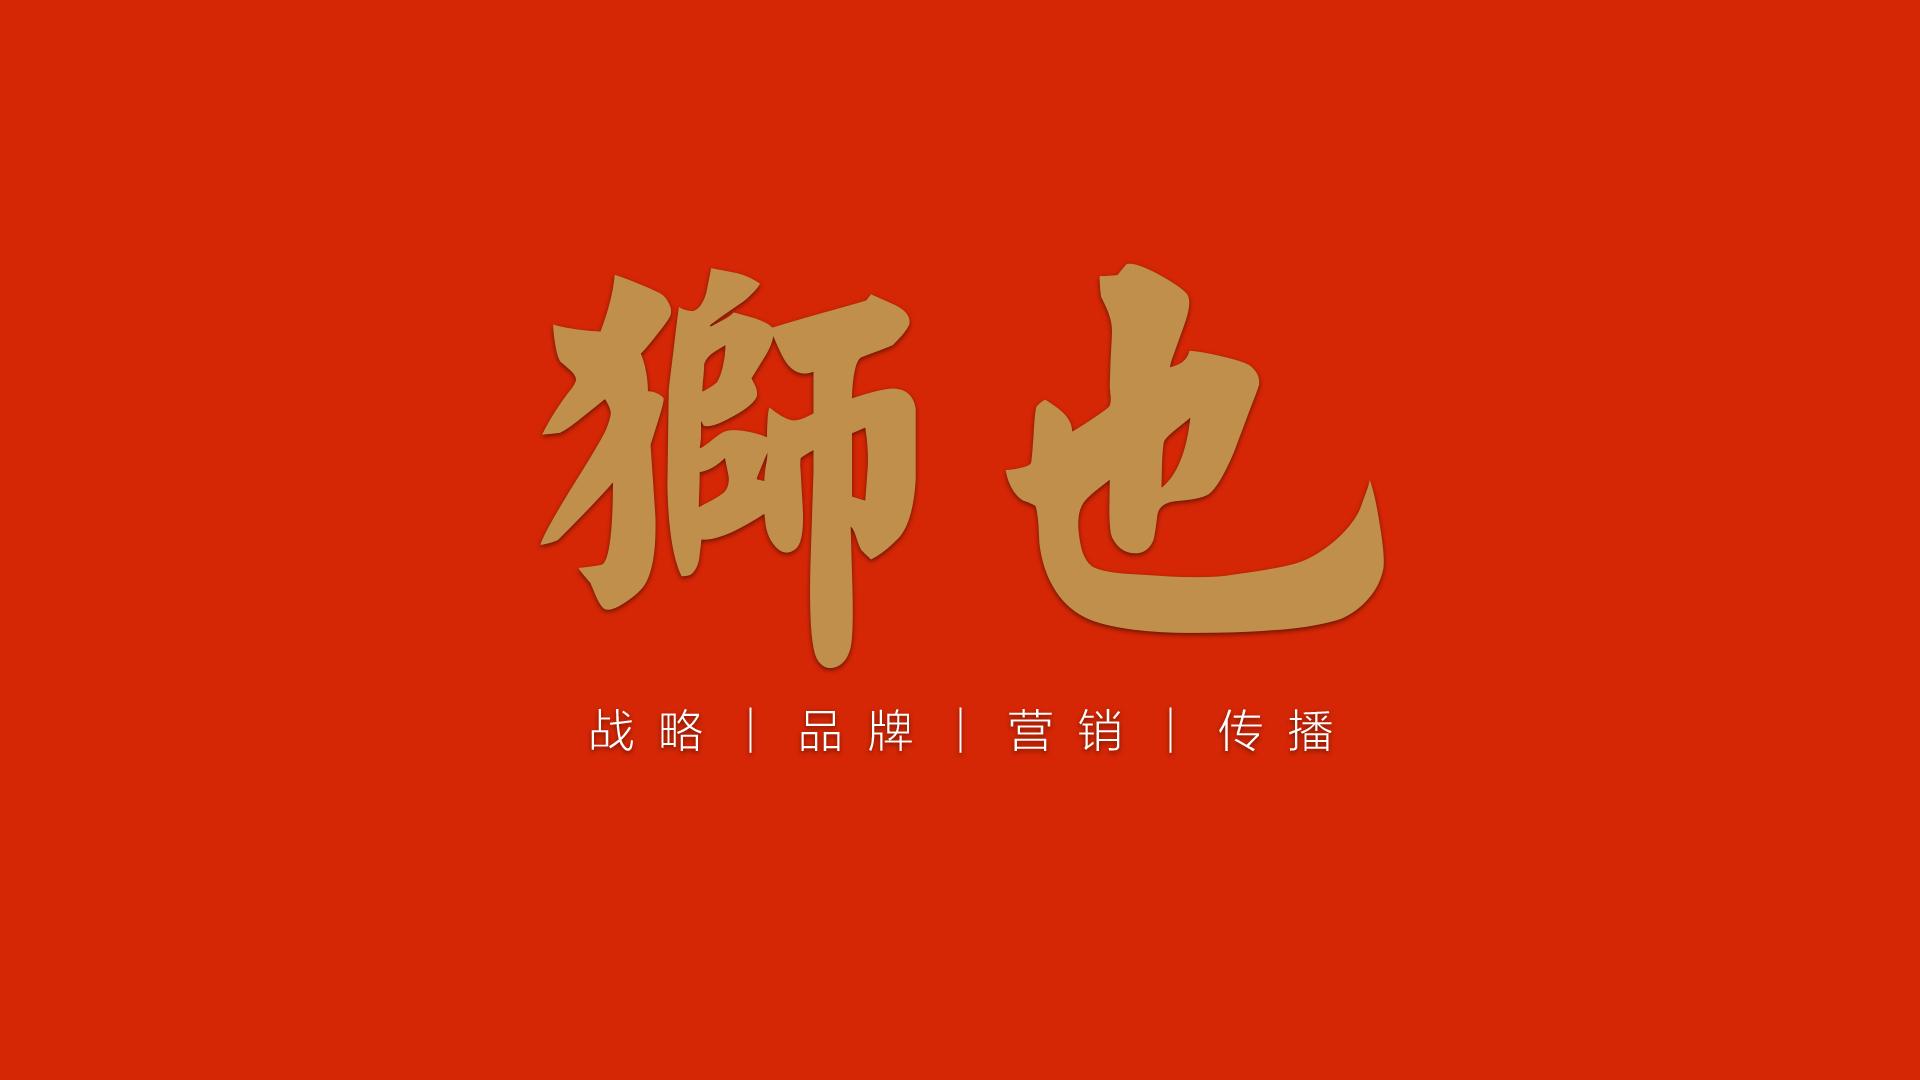 上海营销策划公司—中国企业对战略管理的认识还停留在初级阶段